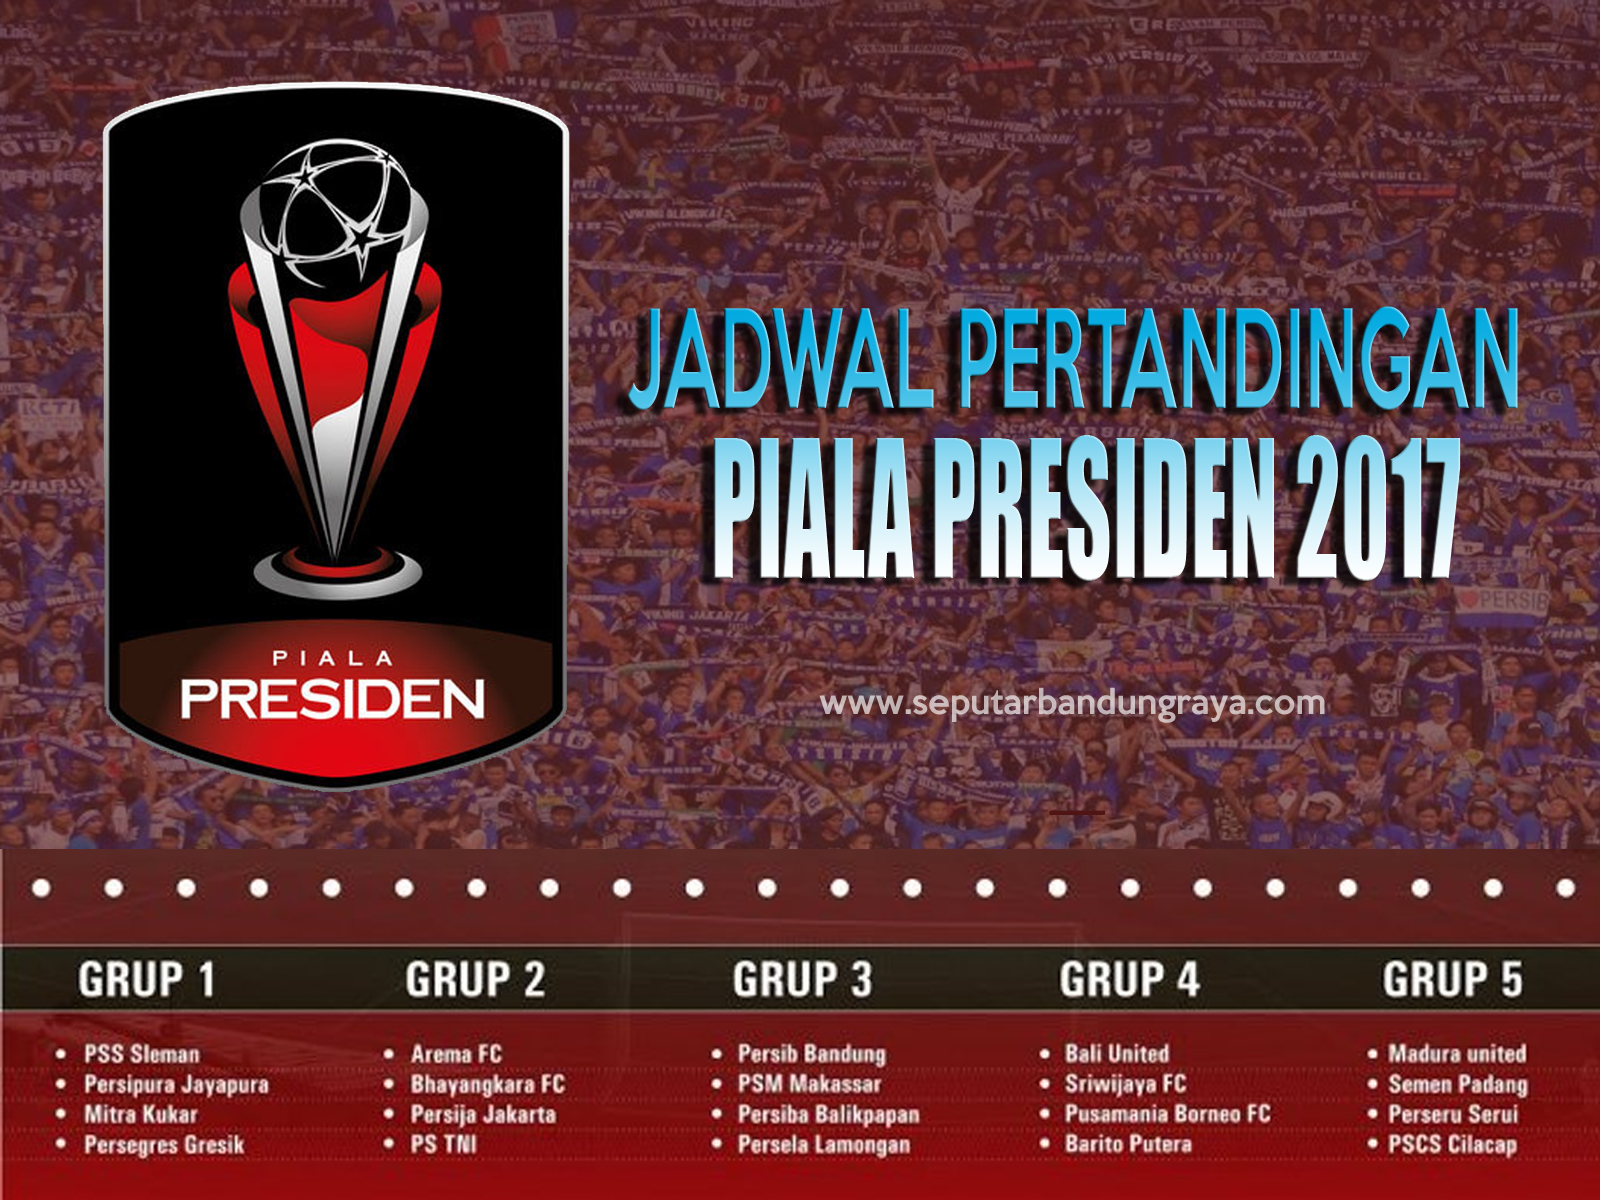 Jadwal Lengkap Pertandingan Piala Presiden 2017 - Seputar Bandung Raya